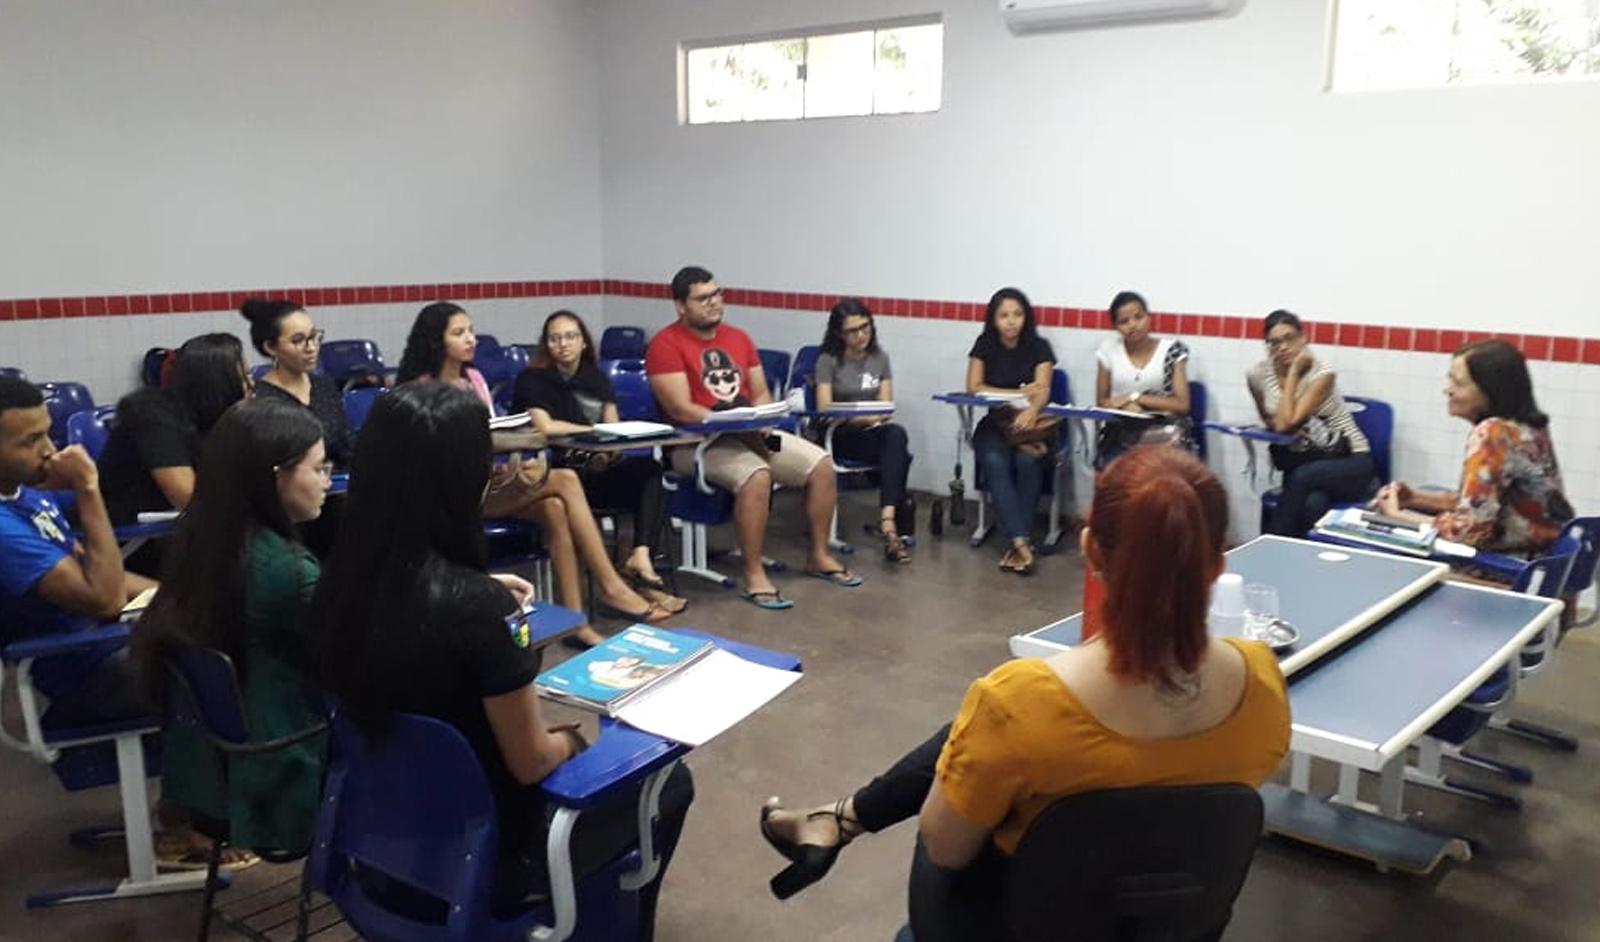 Grupo de pessoas em sala de aula, sentadas em círculo.